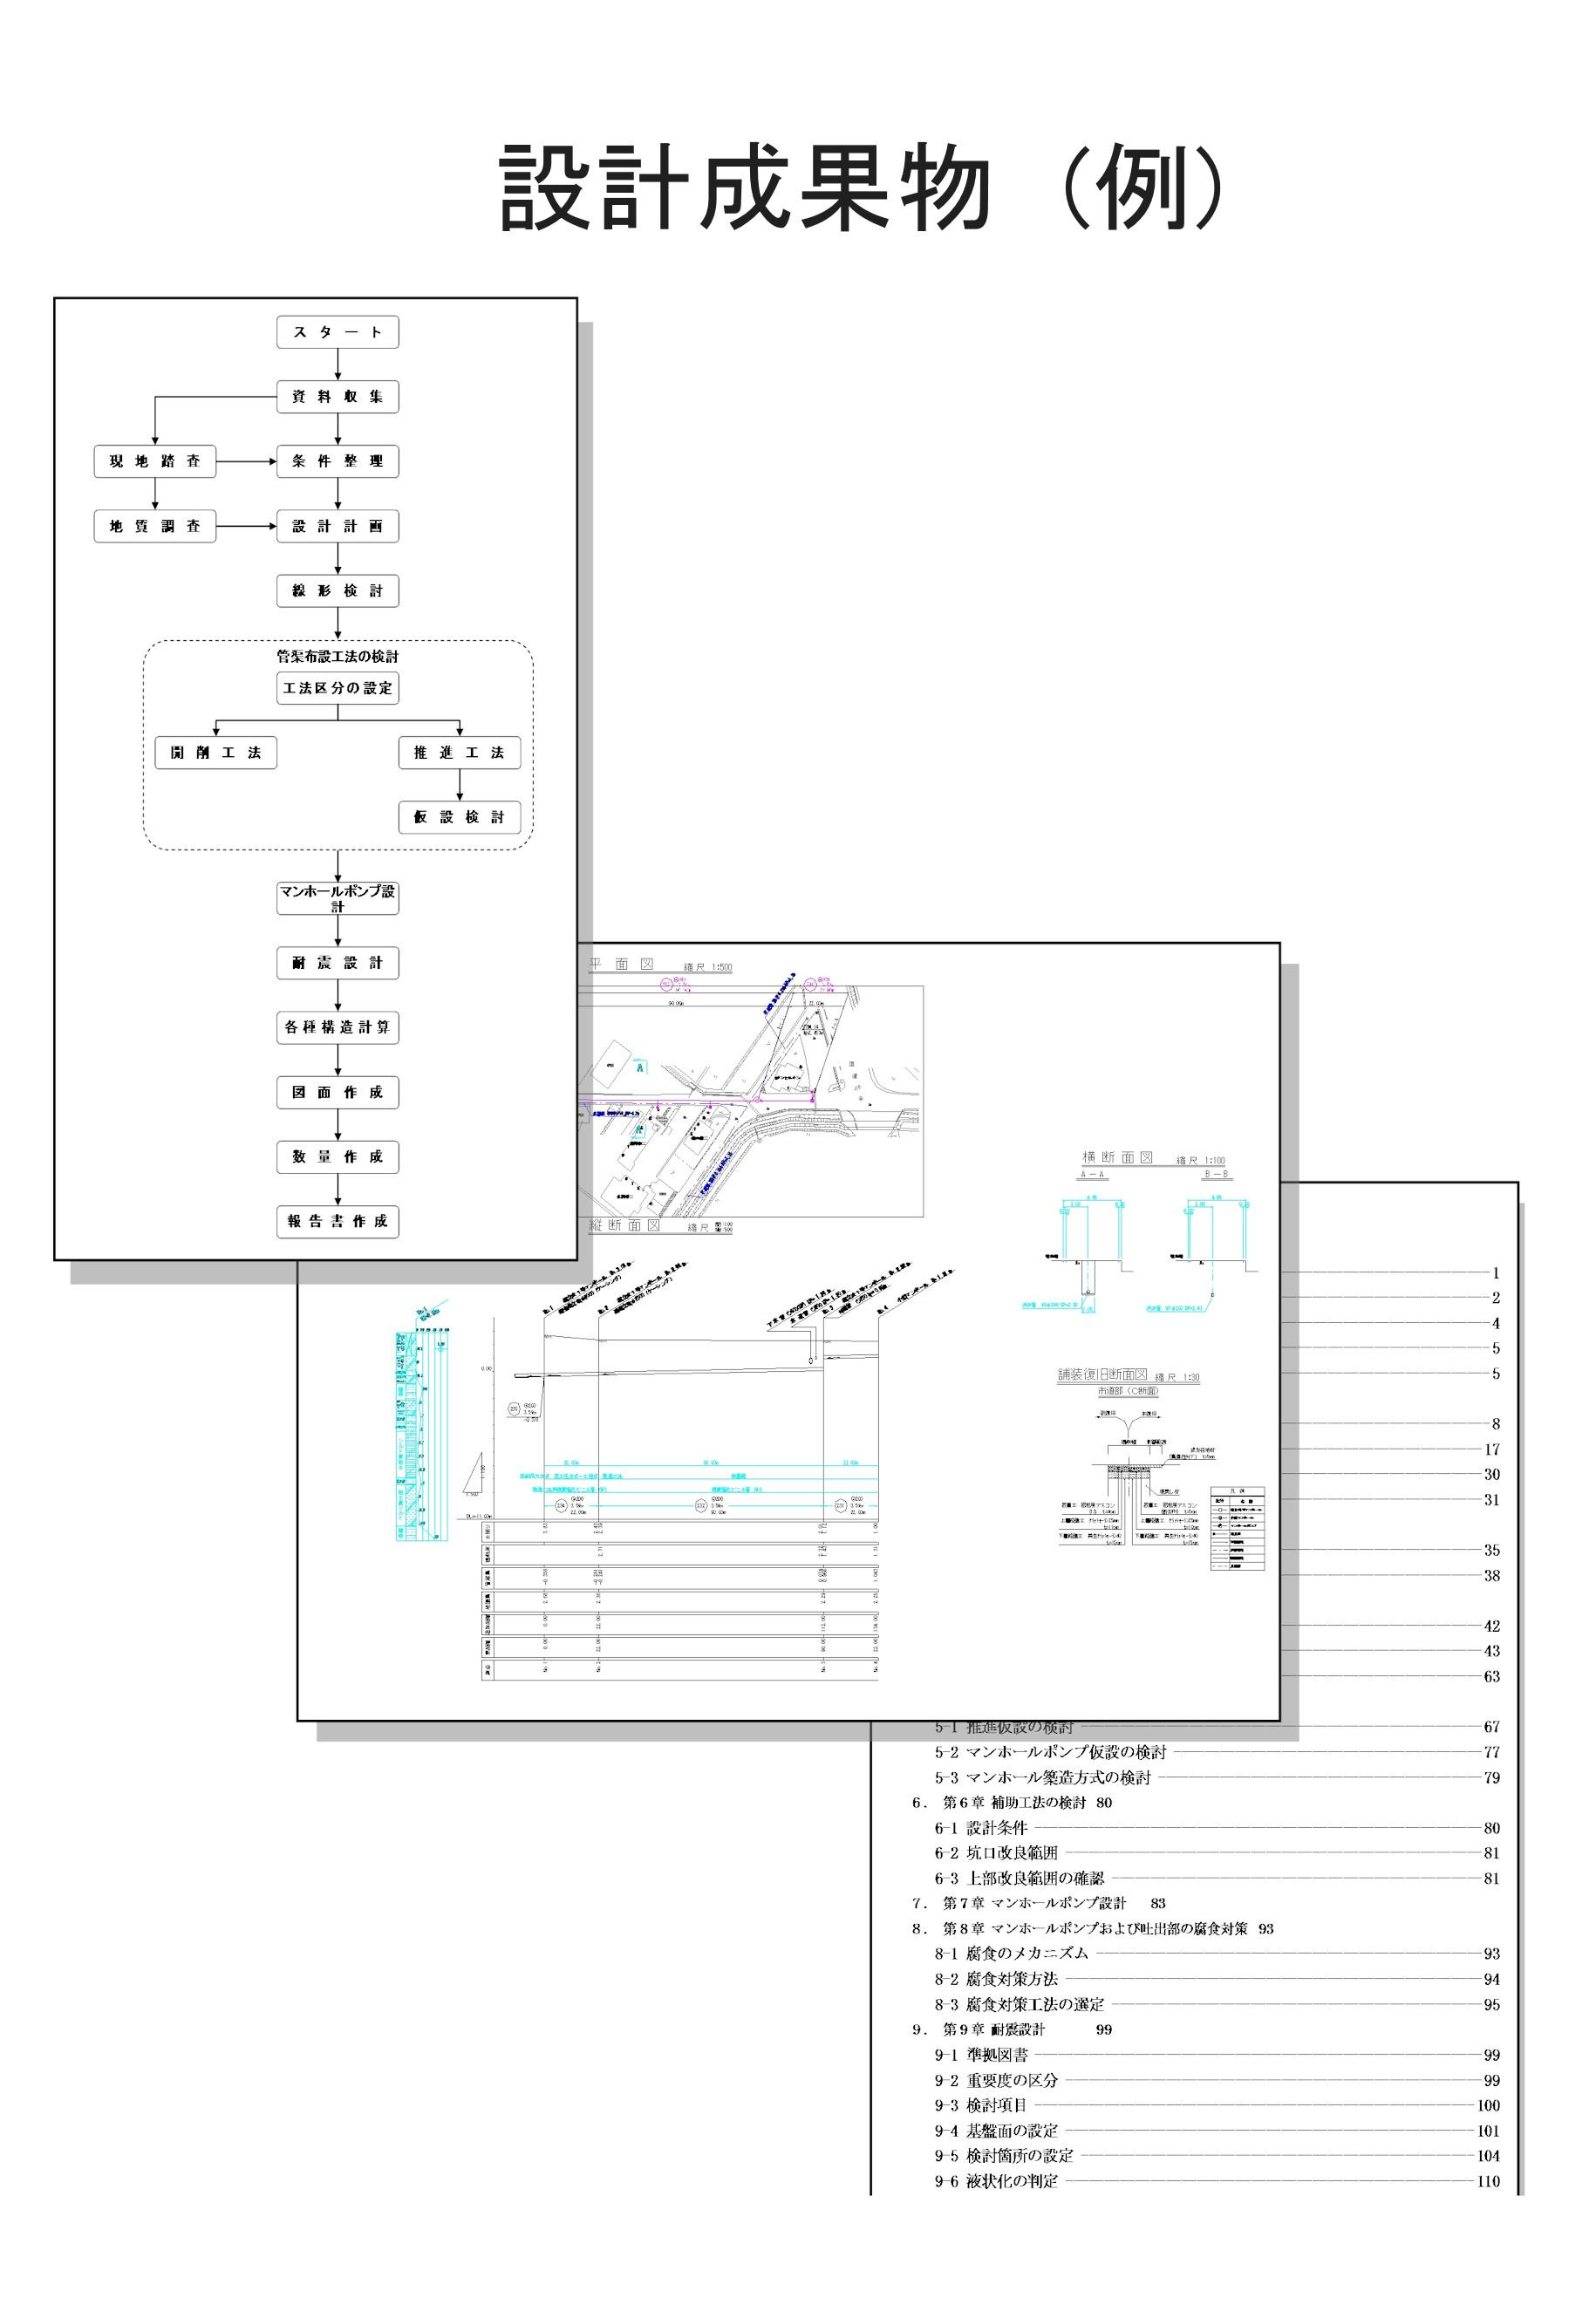 枝線管渠設計(開削工法・推進 ...